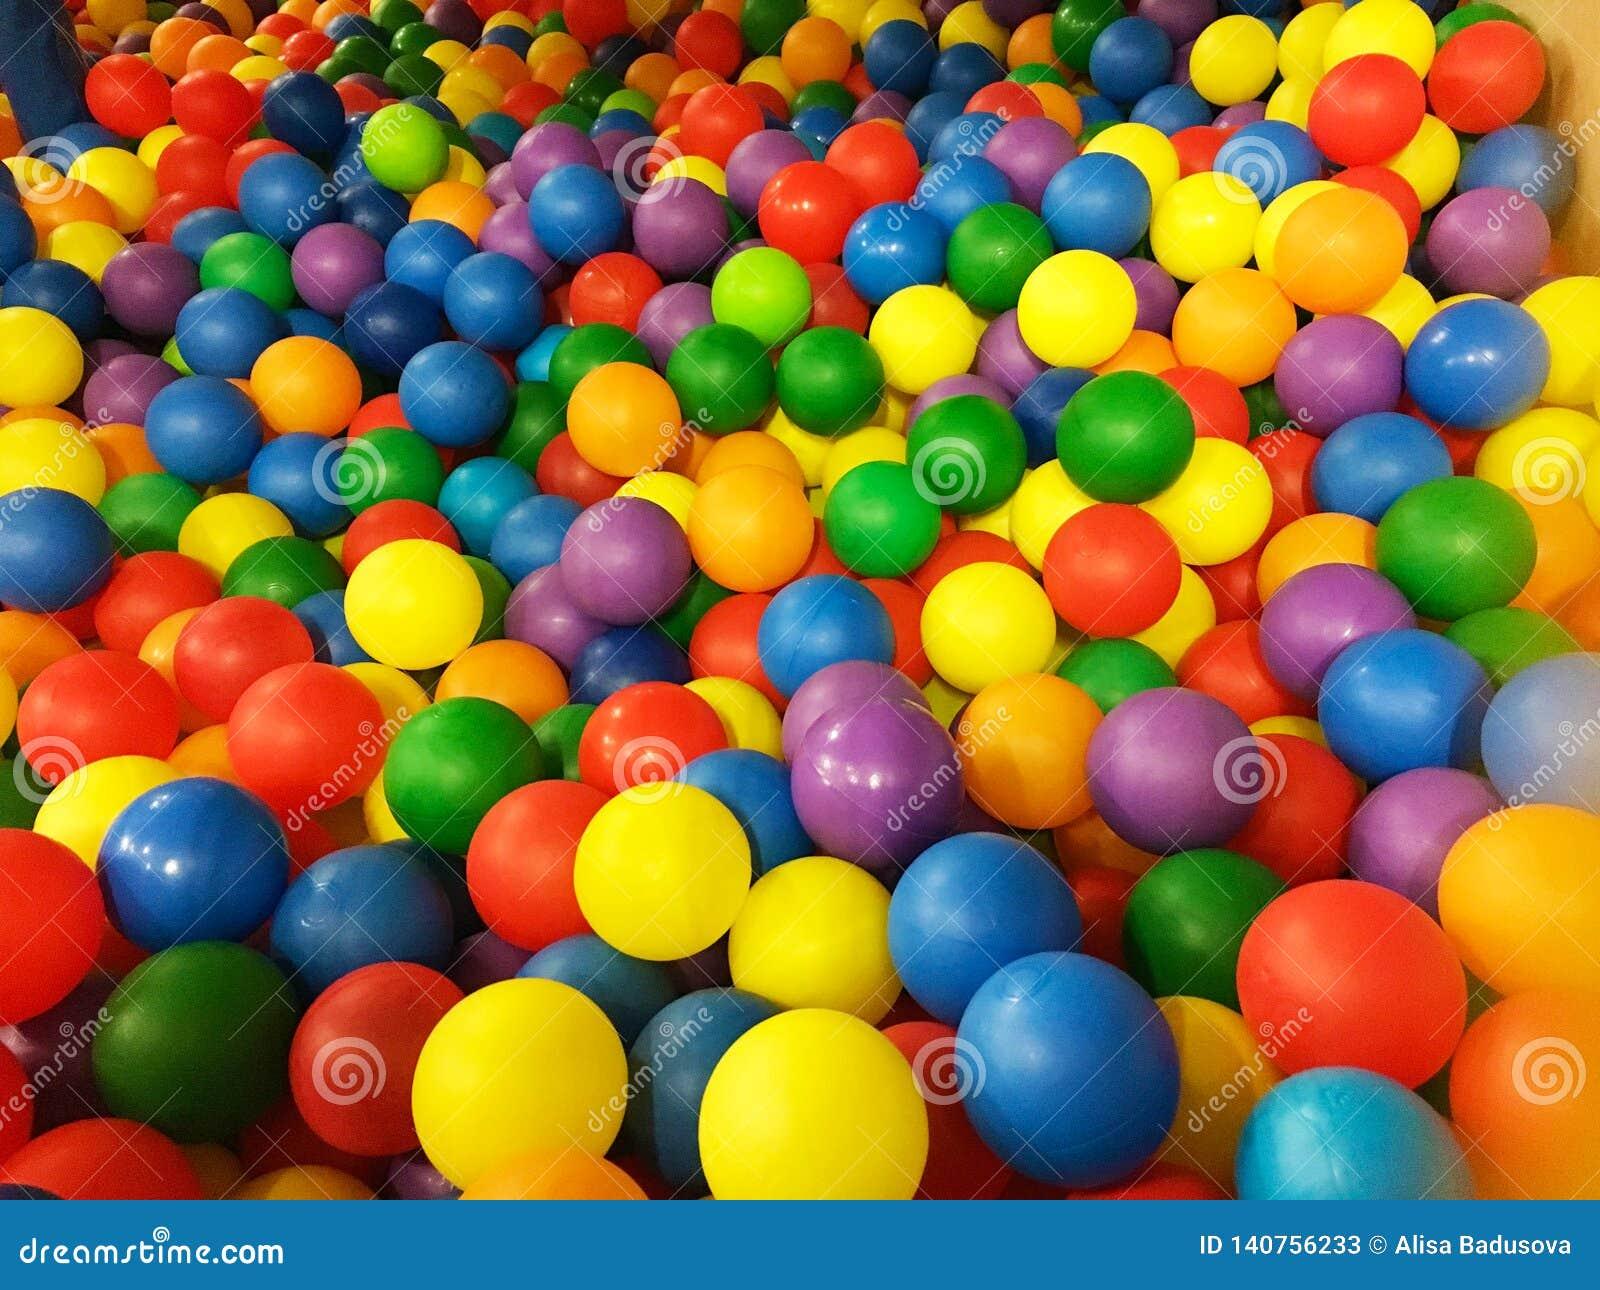 Χρωματισμένες πλαστικές σφαίρες στην ομάδα του δωματίου παιχνιδιών Πισίνα για τη διασκέδαση και πηδώντας στις χρωματισμένες πλαστ